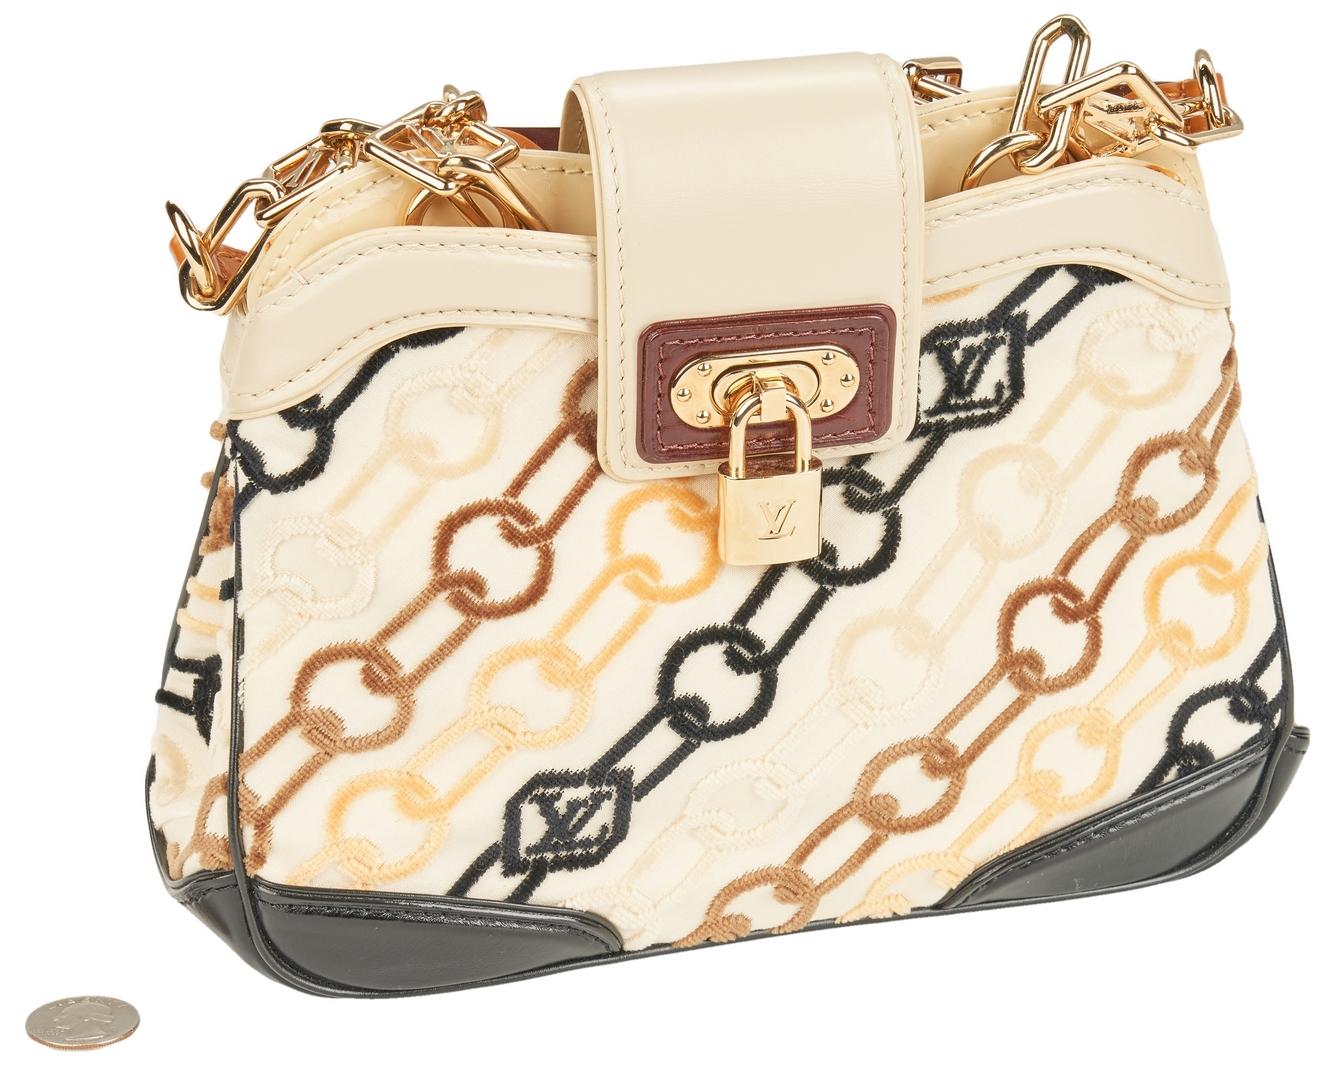 Lot 702 Louis Vuitton Velvet Chains